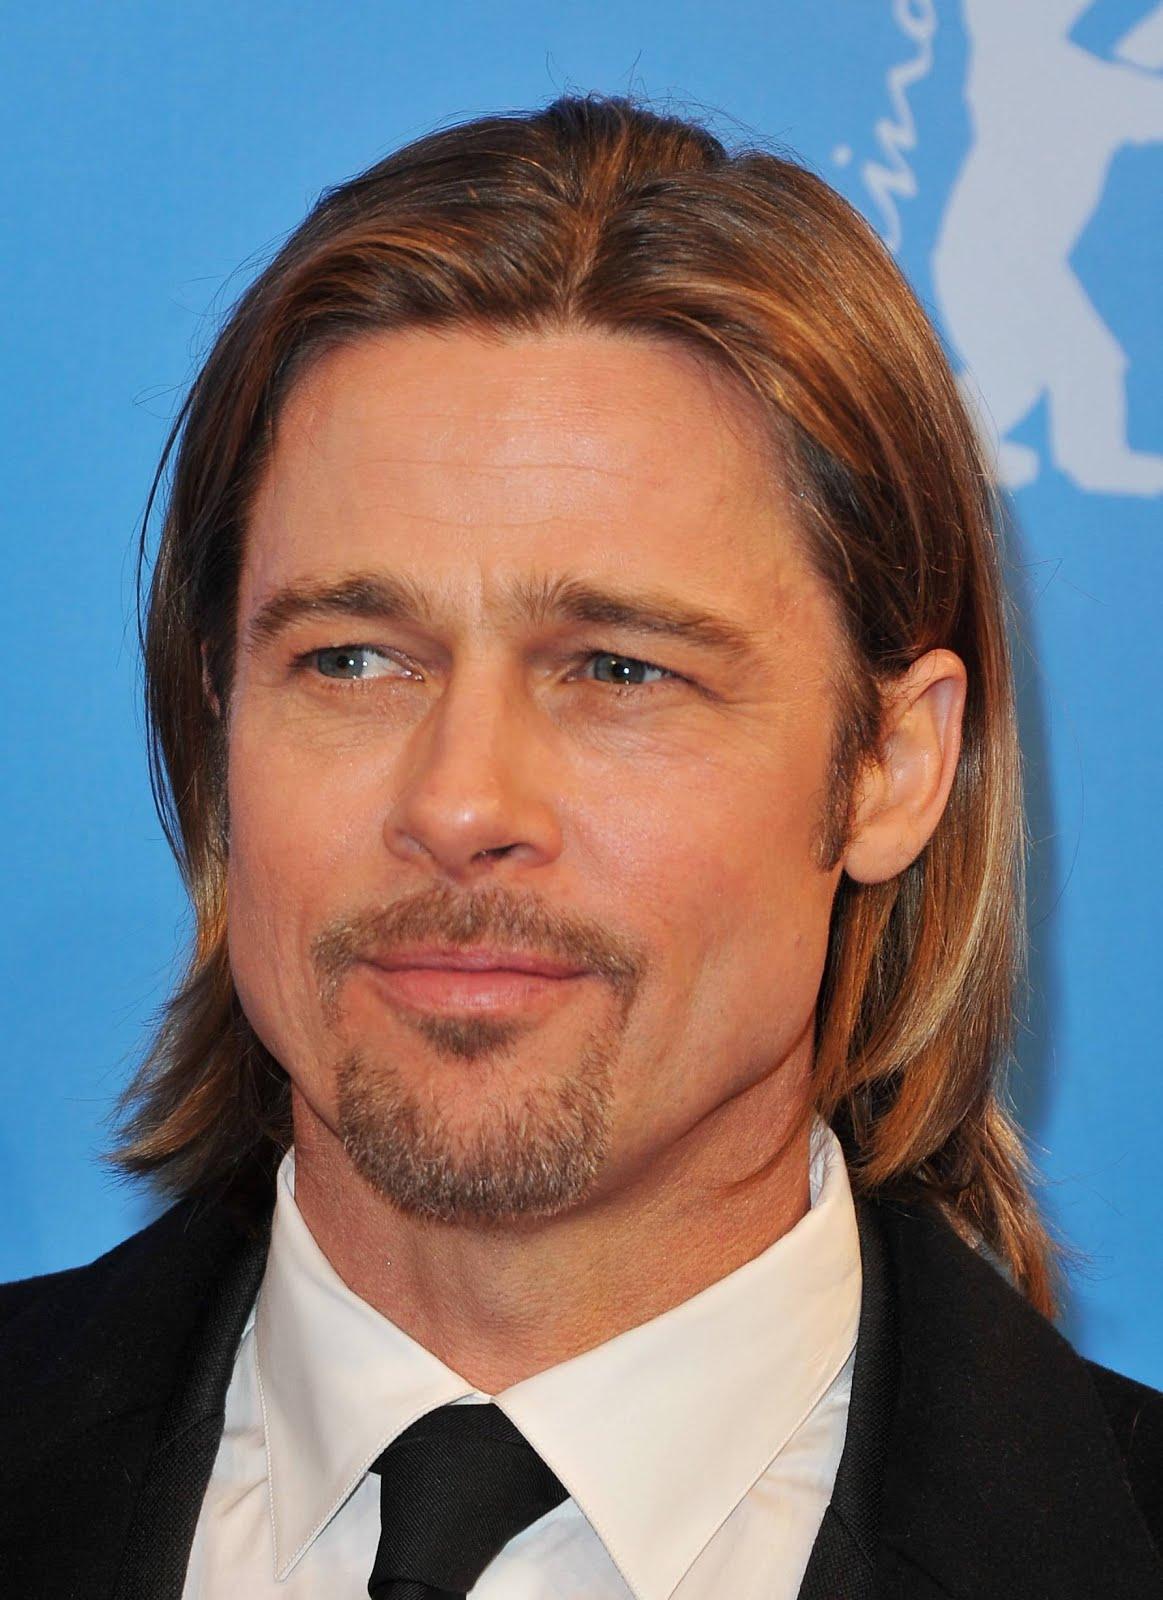 Brad-Pitt Brad Pitt